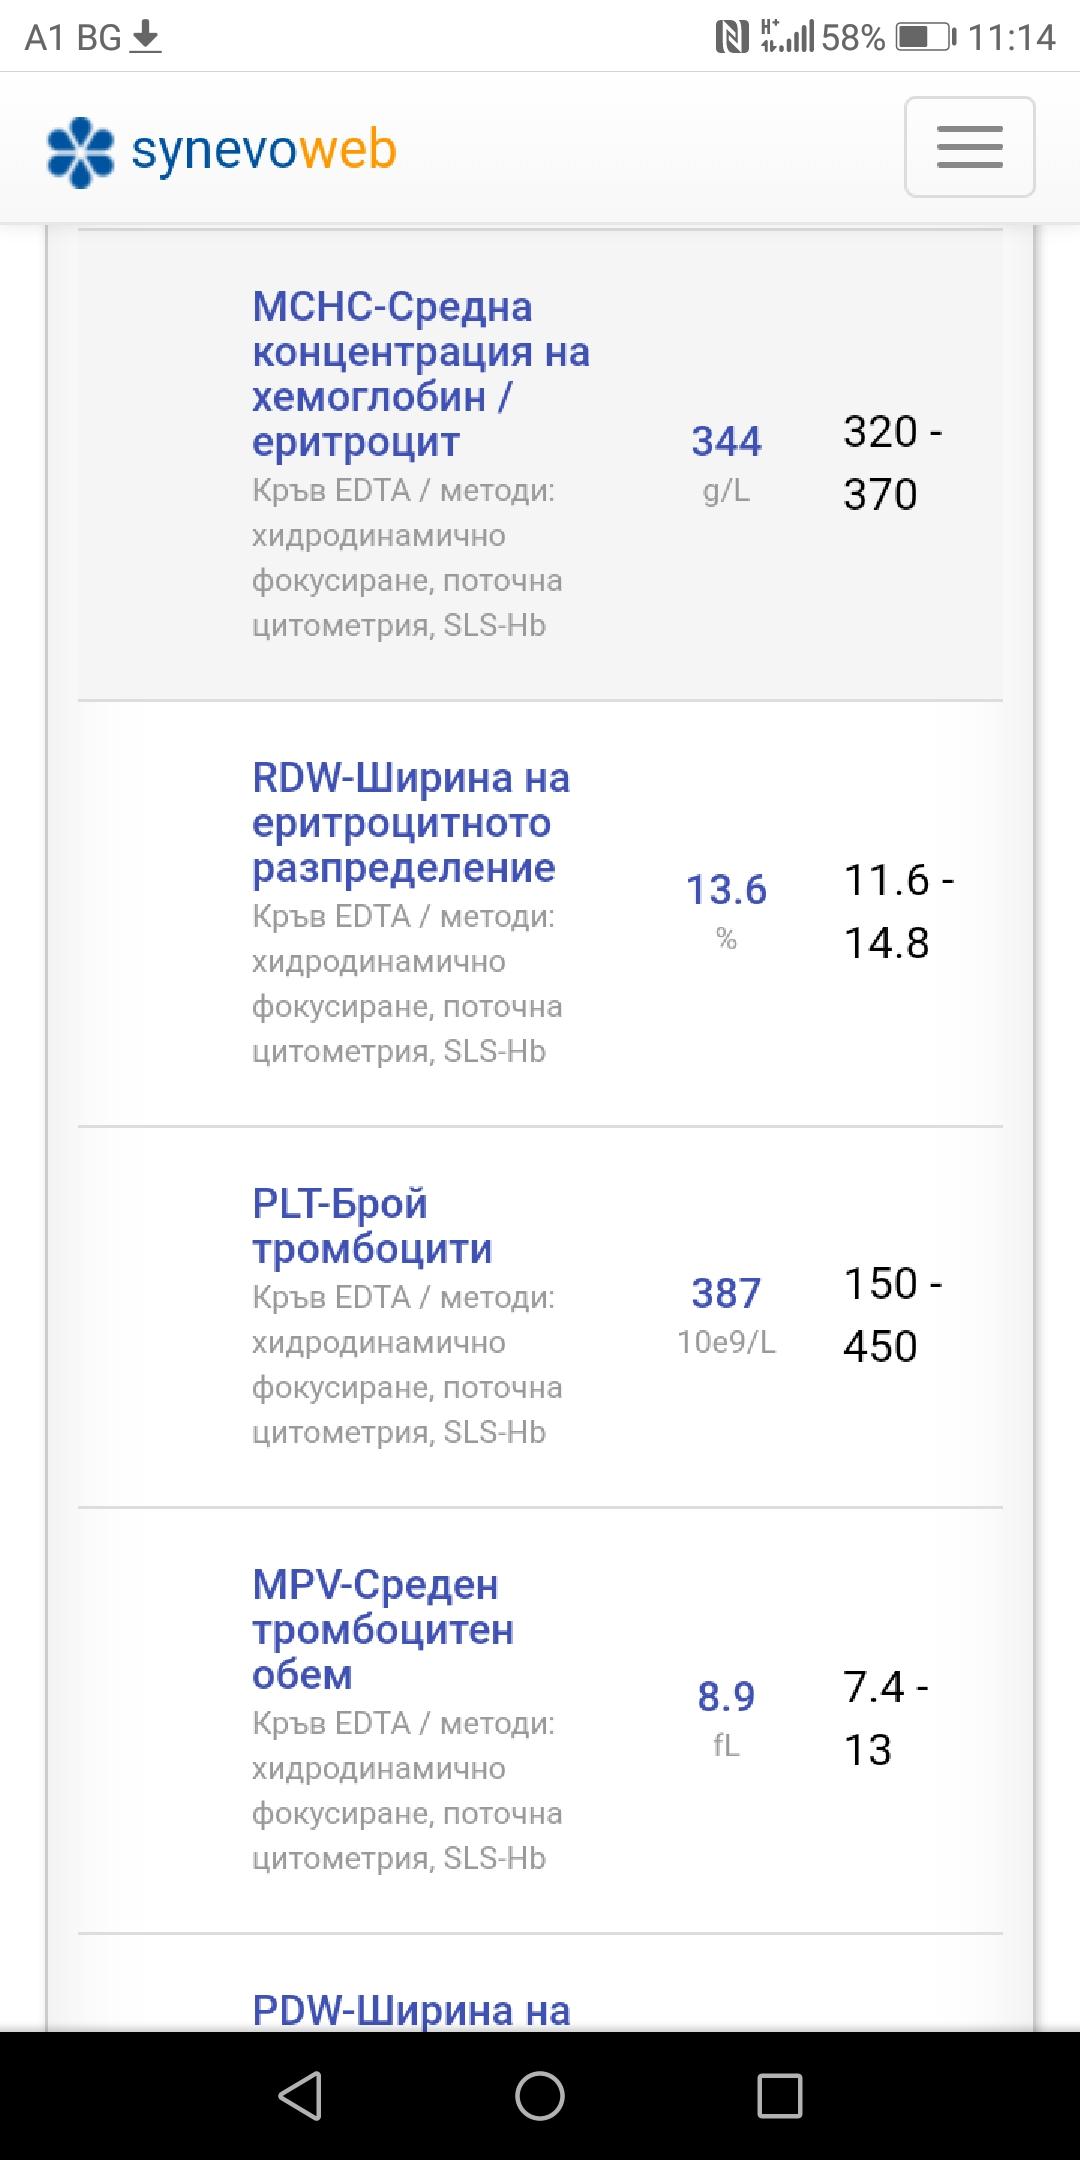 Screenshot_20200730-111401.jpg